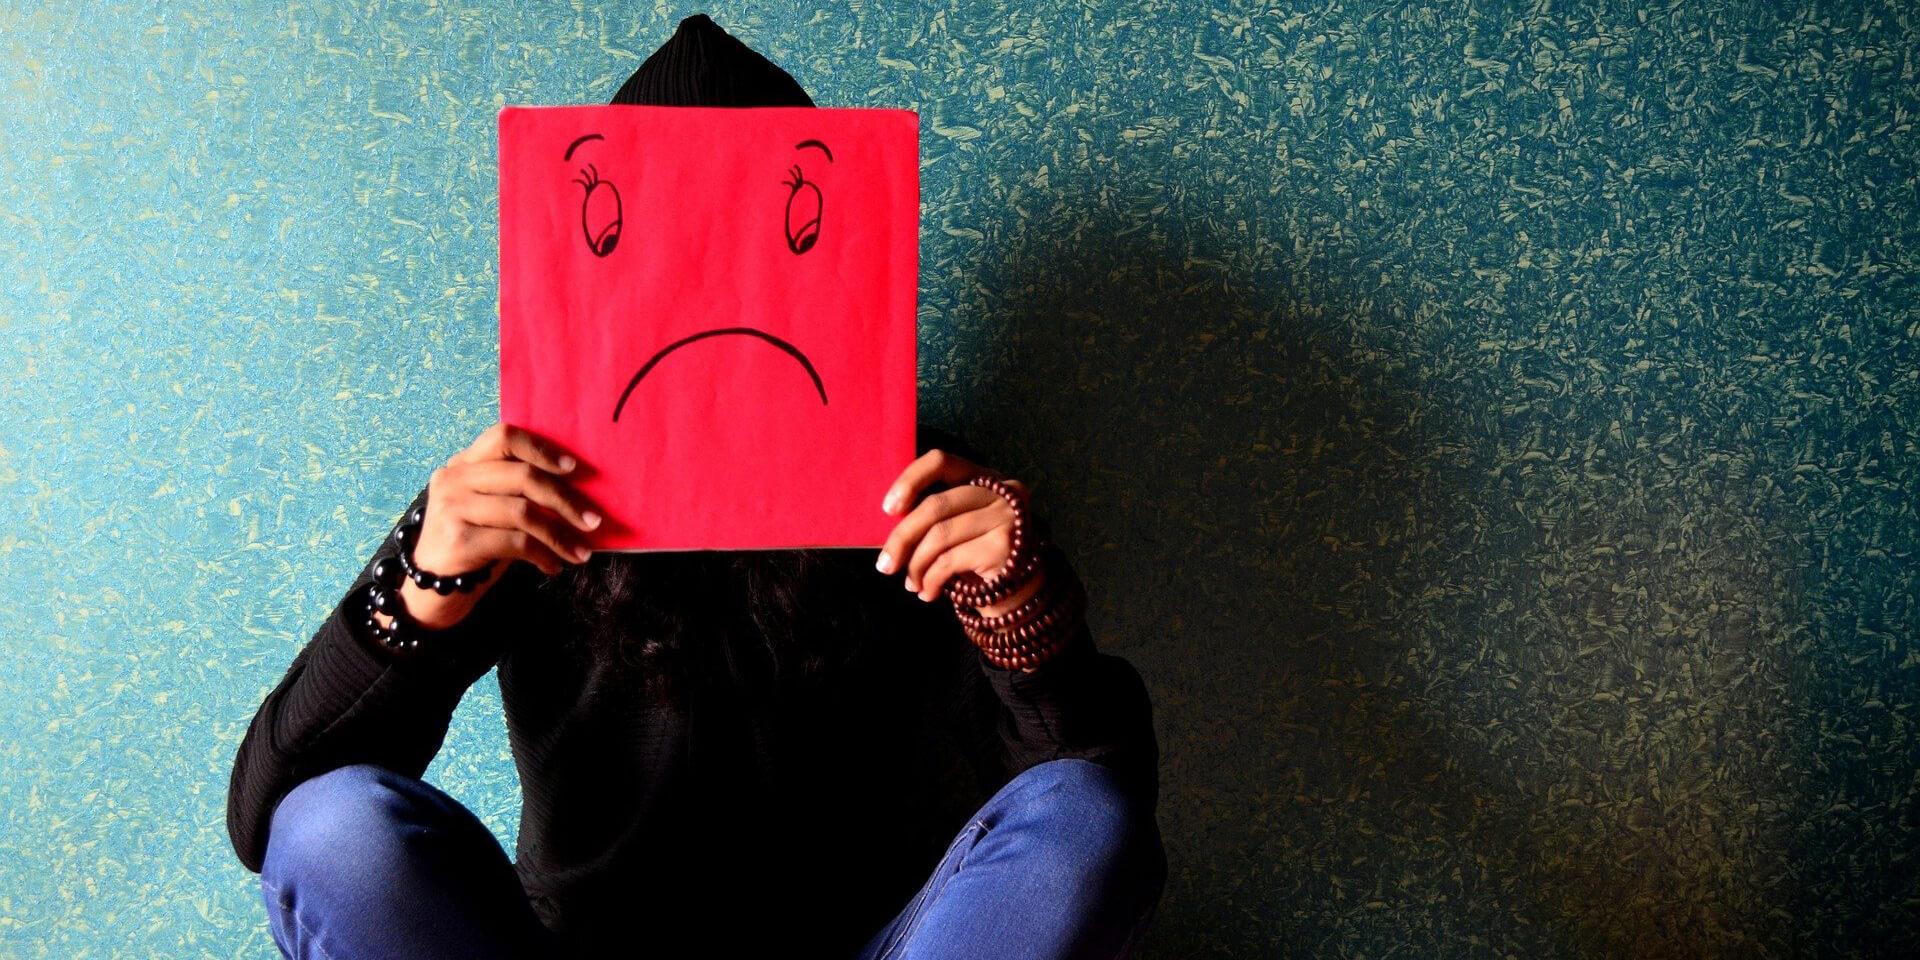 Ein Mensch hält ein trauriges Emoji vor sein Gesicht.